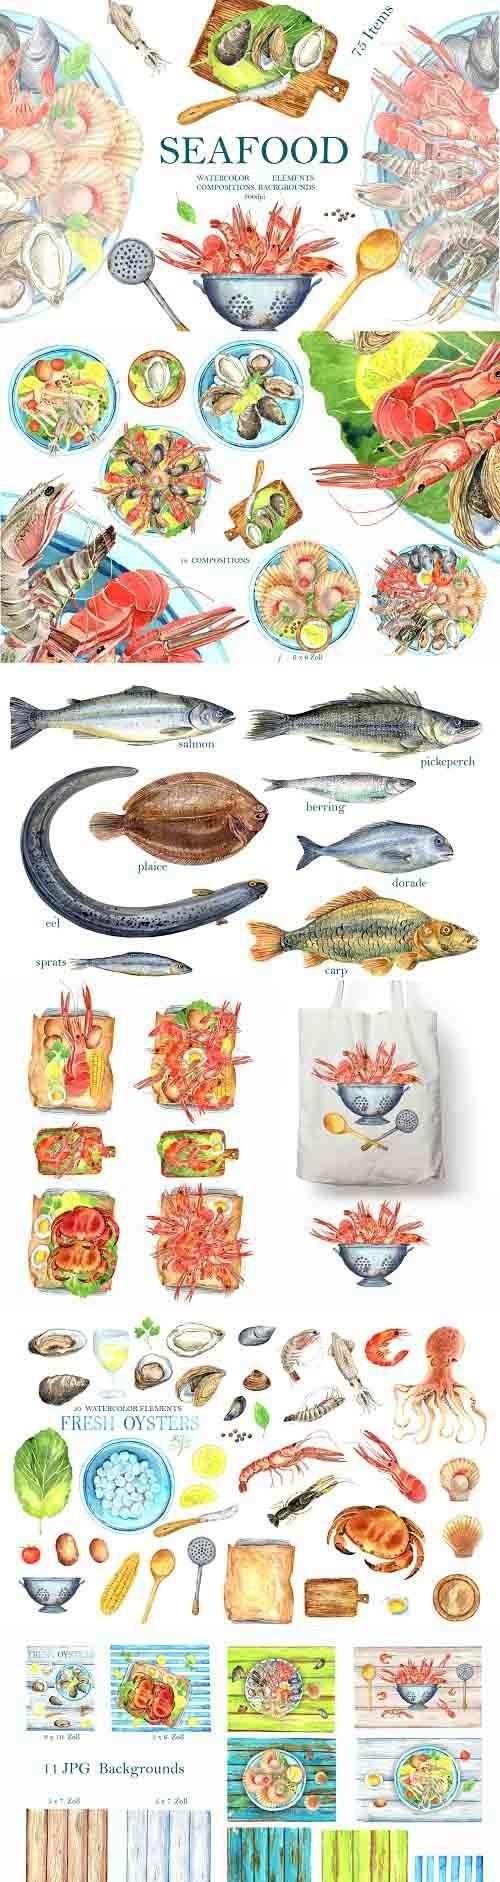 Seafood - 1309774